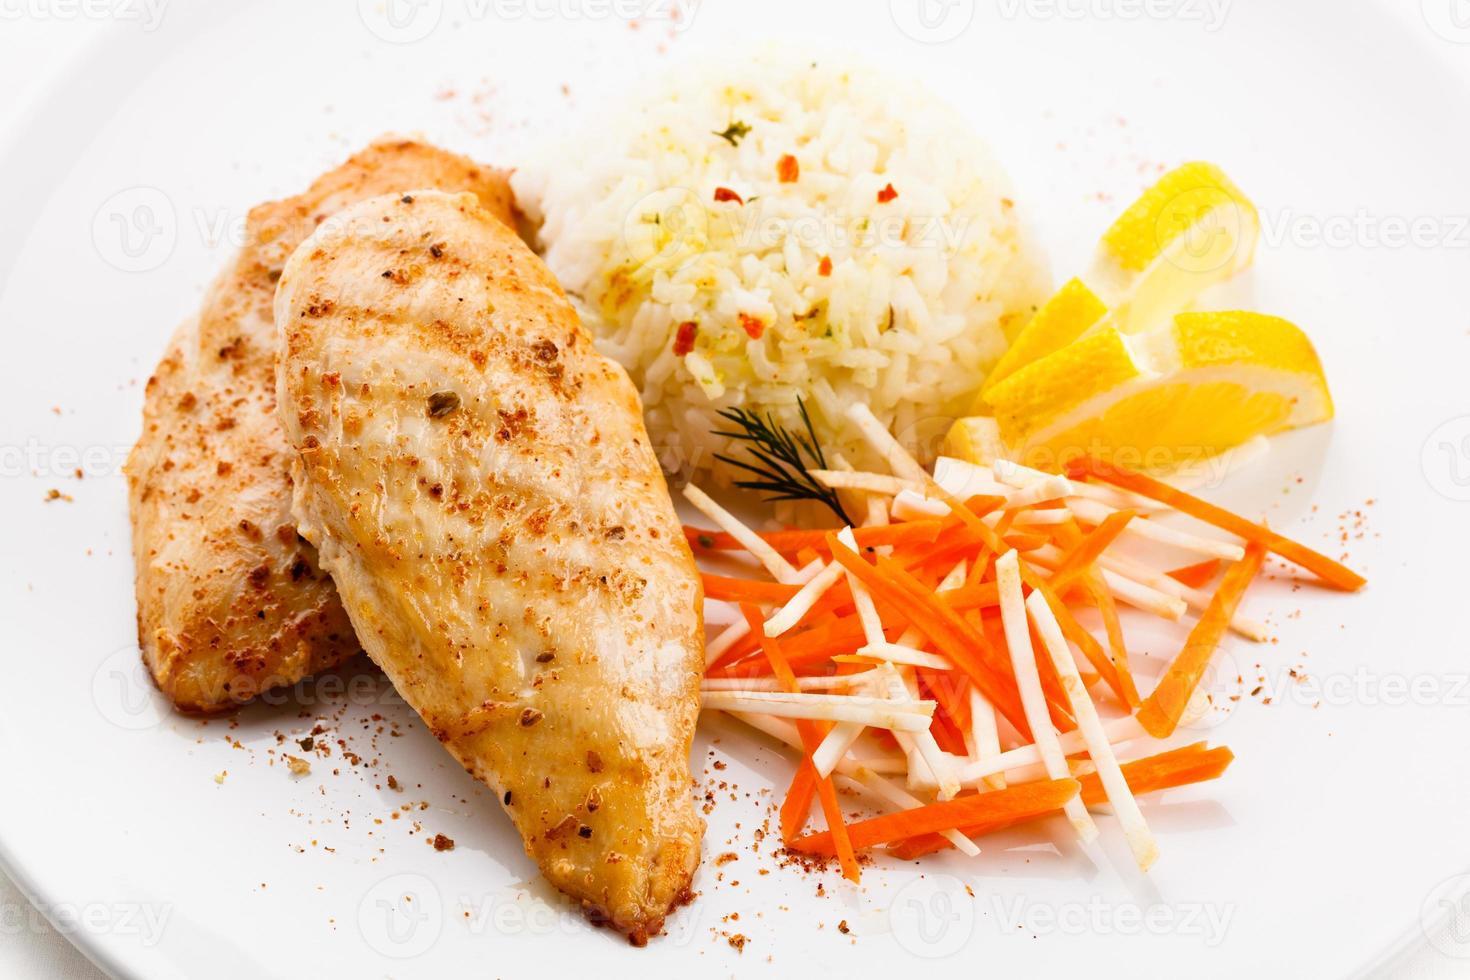 viande et légumes grillés photo